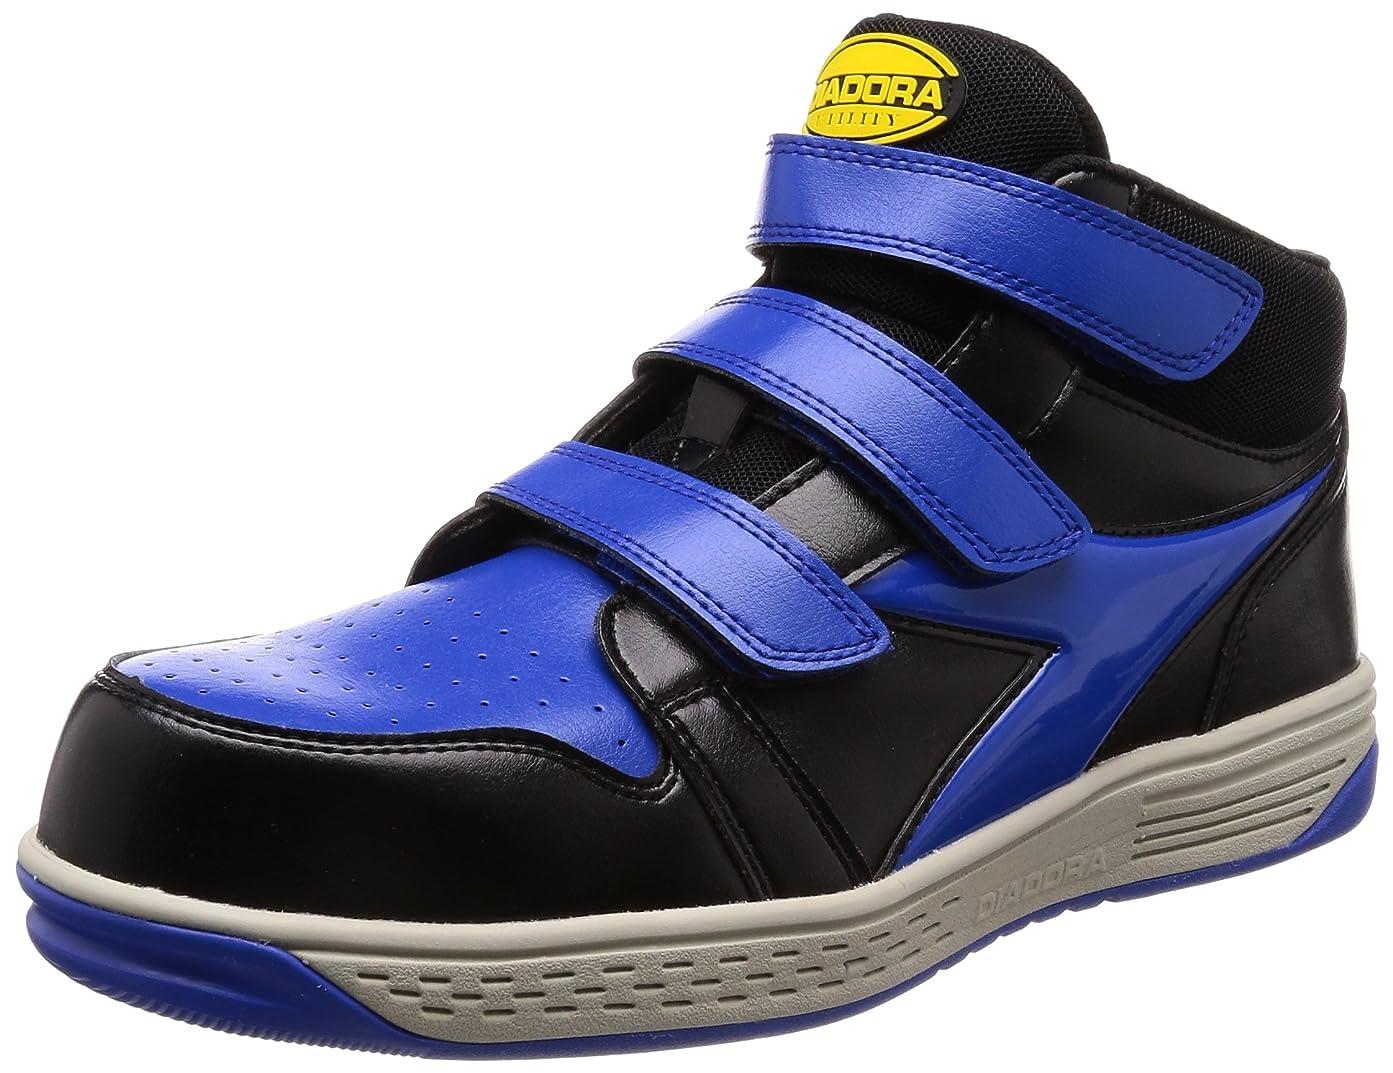 従事する社会満足[ディアドラユーティリティ] 安全作業靴 JSAA認定 マジックタイプ プロスニーカー STARLING スターリング SR24